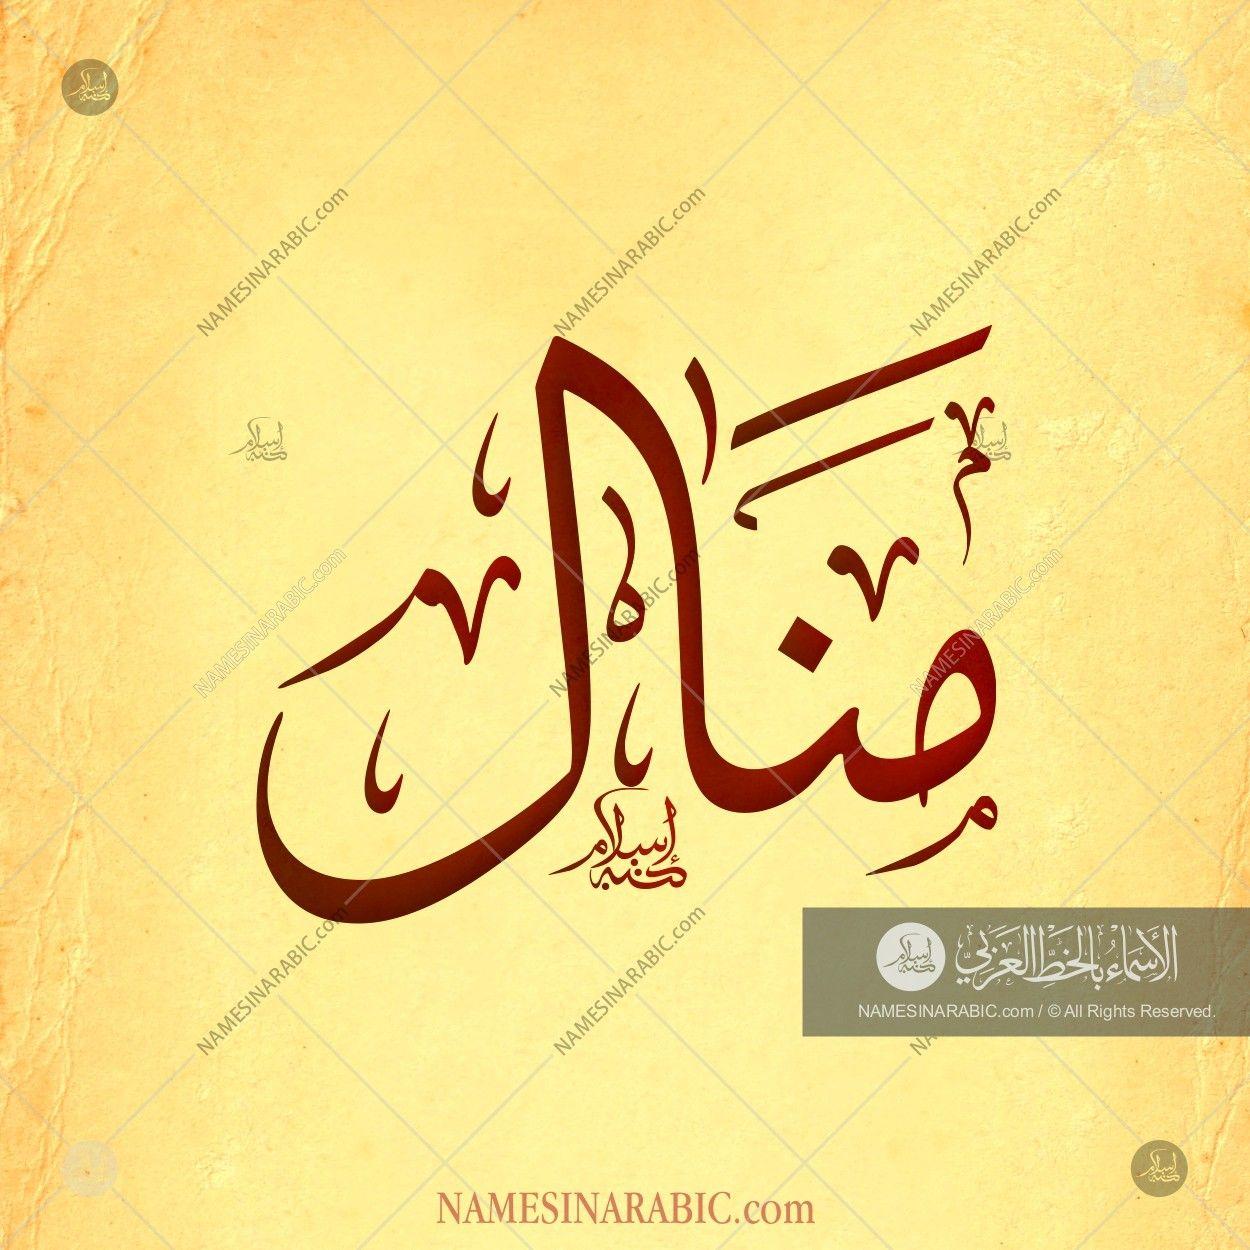 Manal Name In Arabic Calligraphy Arabic Calligraphy Design Arabic Calligraphy Art Calligraphy